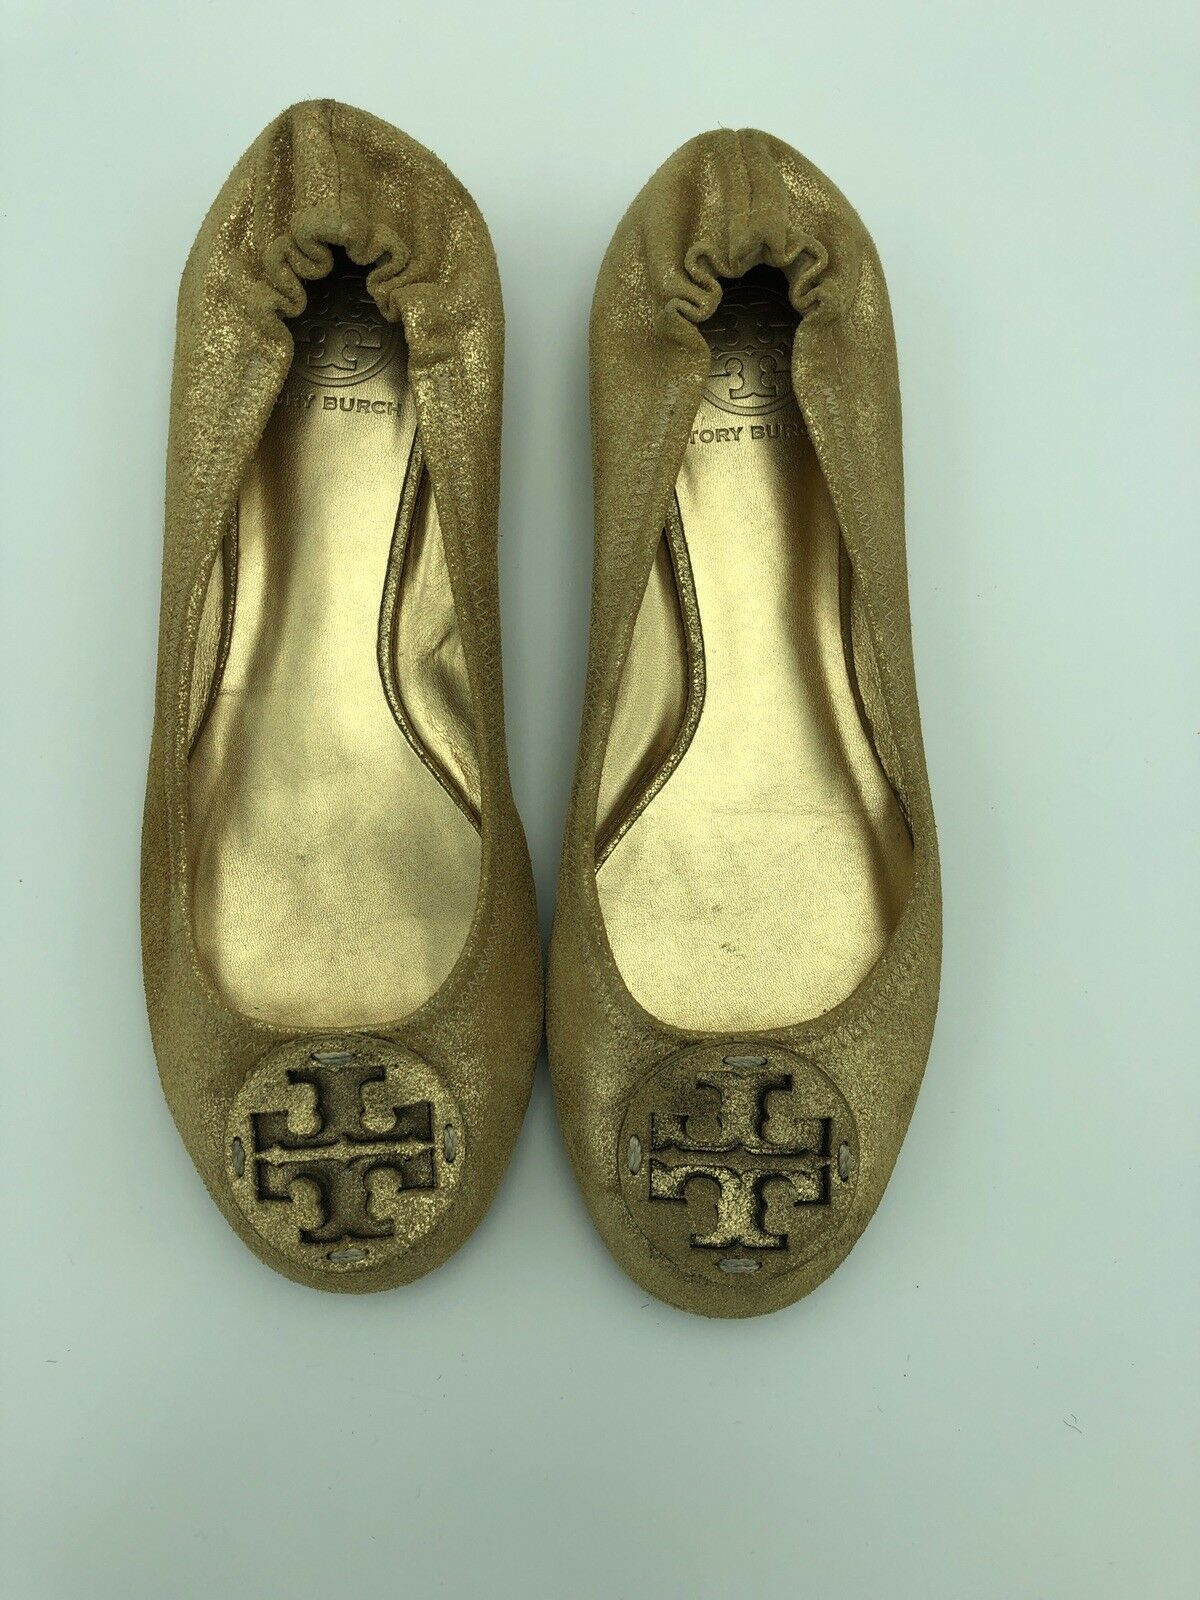 Tory Tory Tory Burch Ballet Zapatos sin Taco Sin Cuero Nobuck oro metálico Talla 8M Seminuevo  el más barato